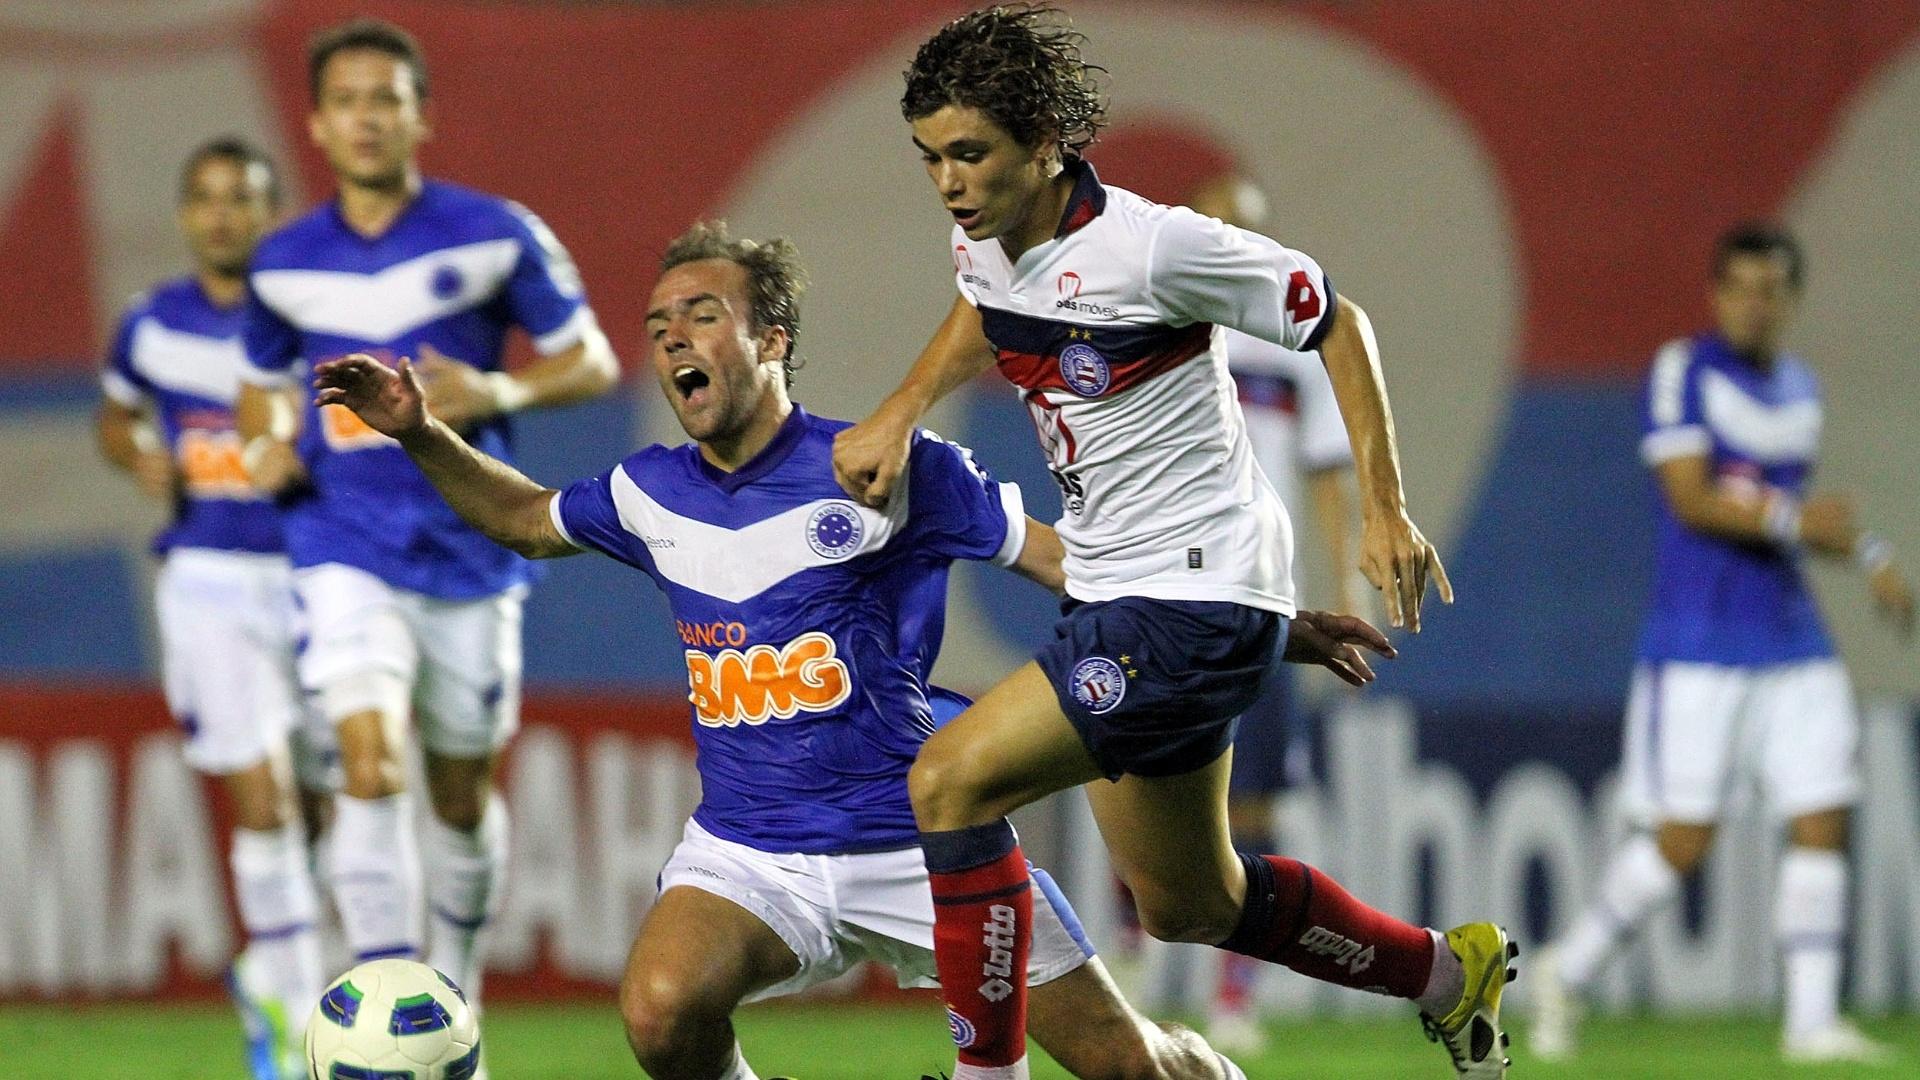 Roger reclama de falta na partida entre Bahia e Cruzeiro em Salvador (12/10/11)